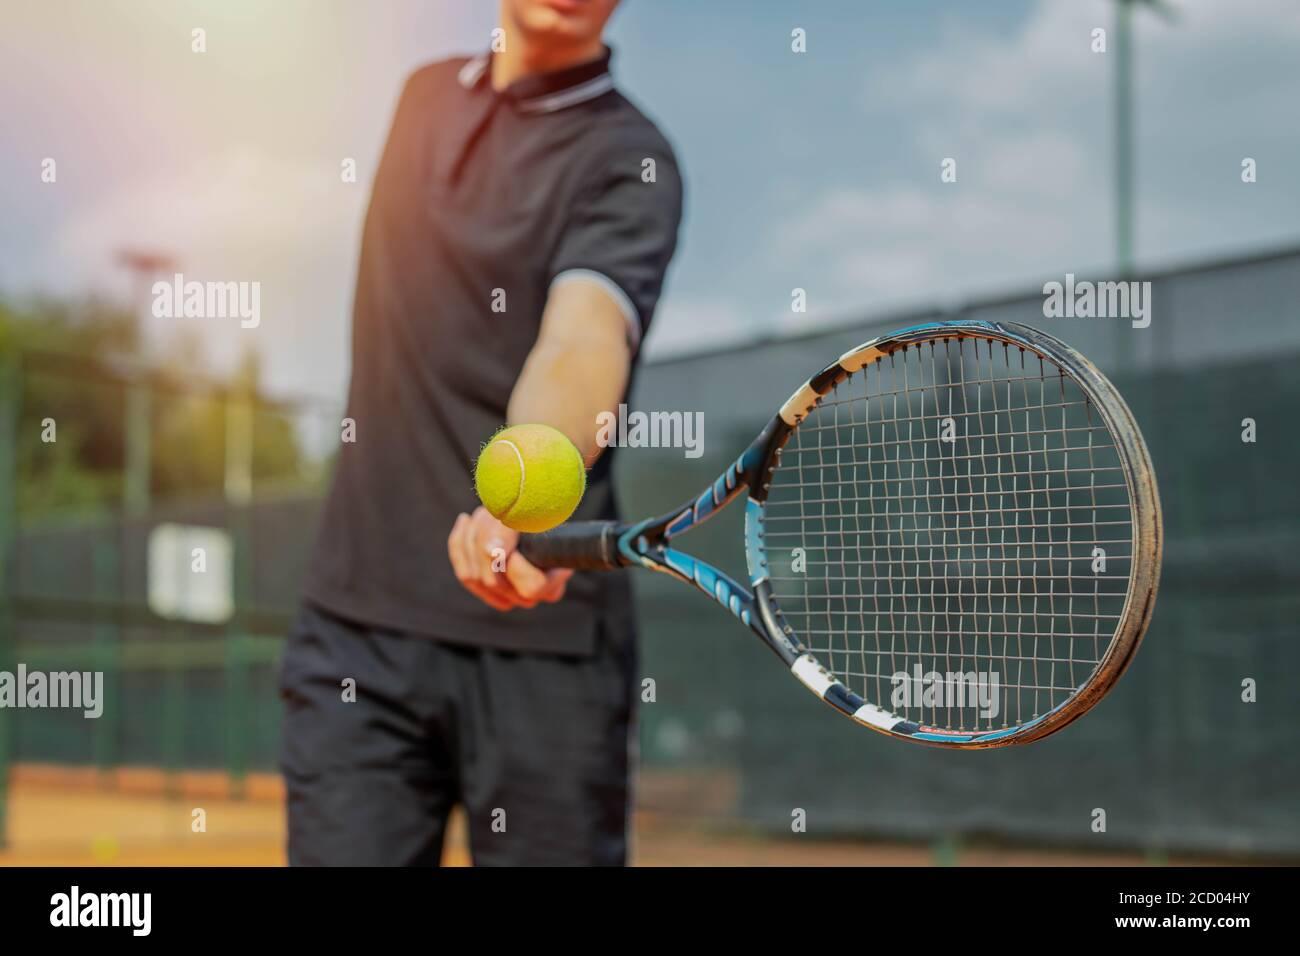 Gros plan sur un homme jouant au tennis et battant le ballon avec une raquette. Banque D'Images